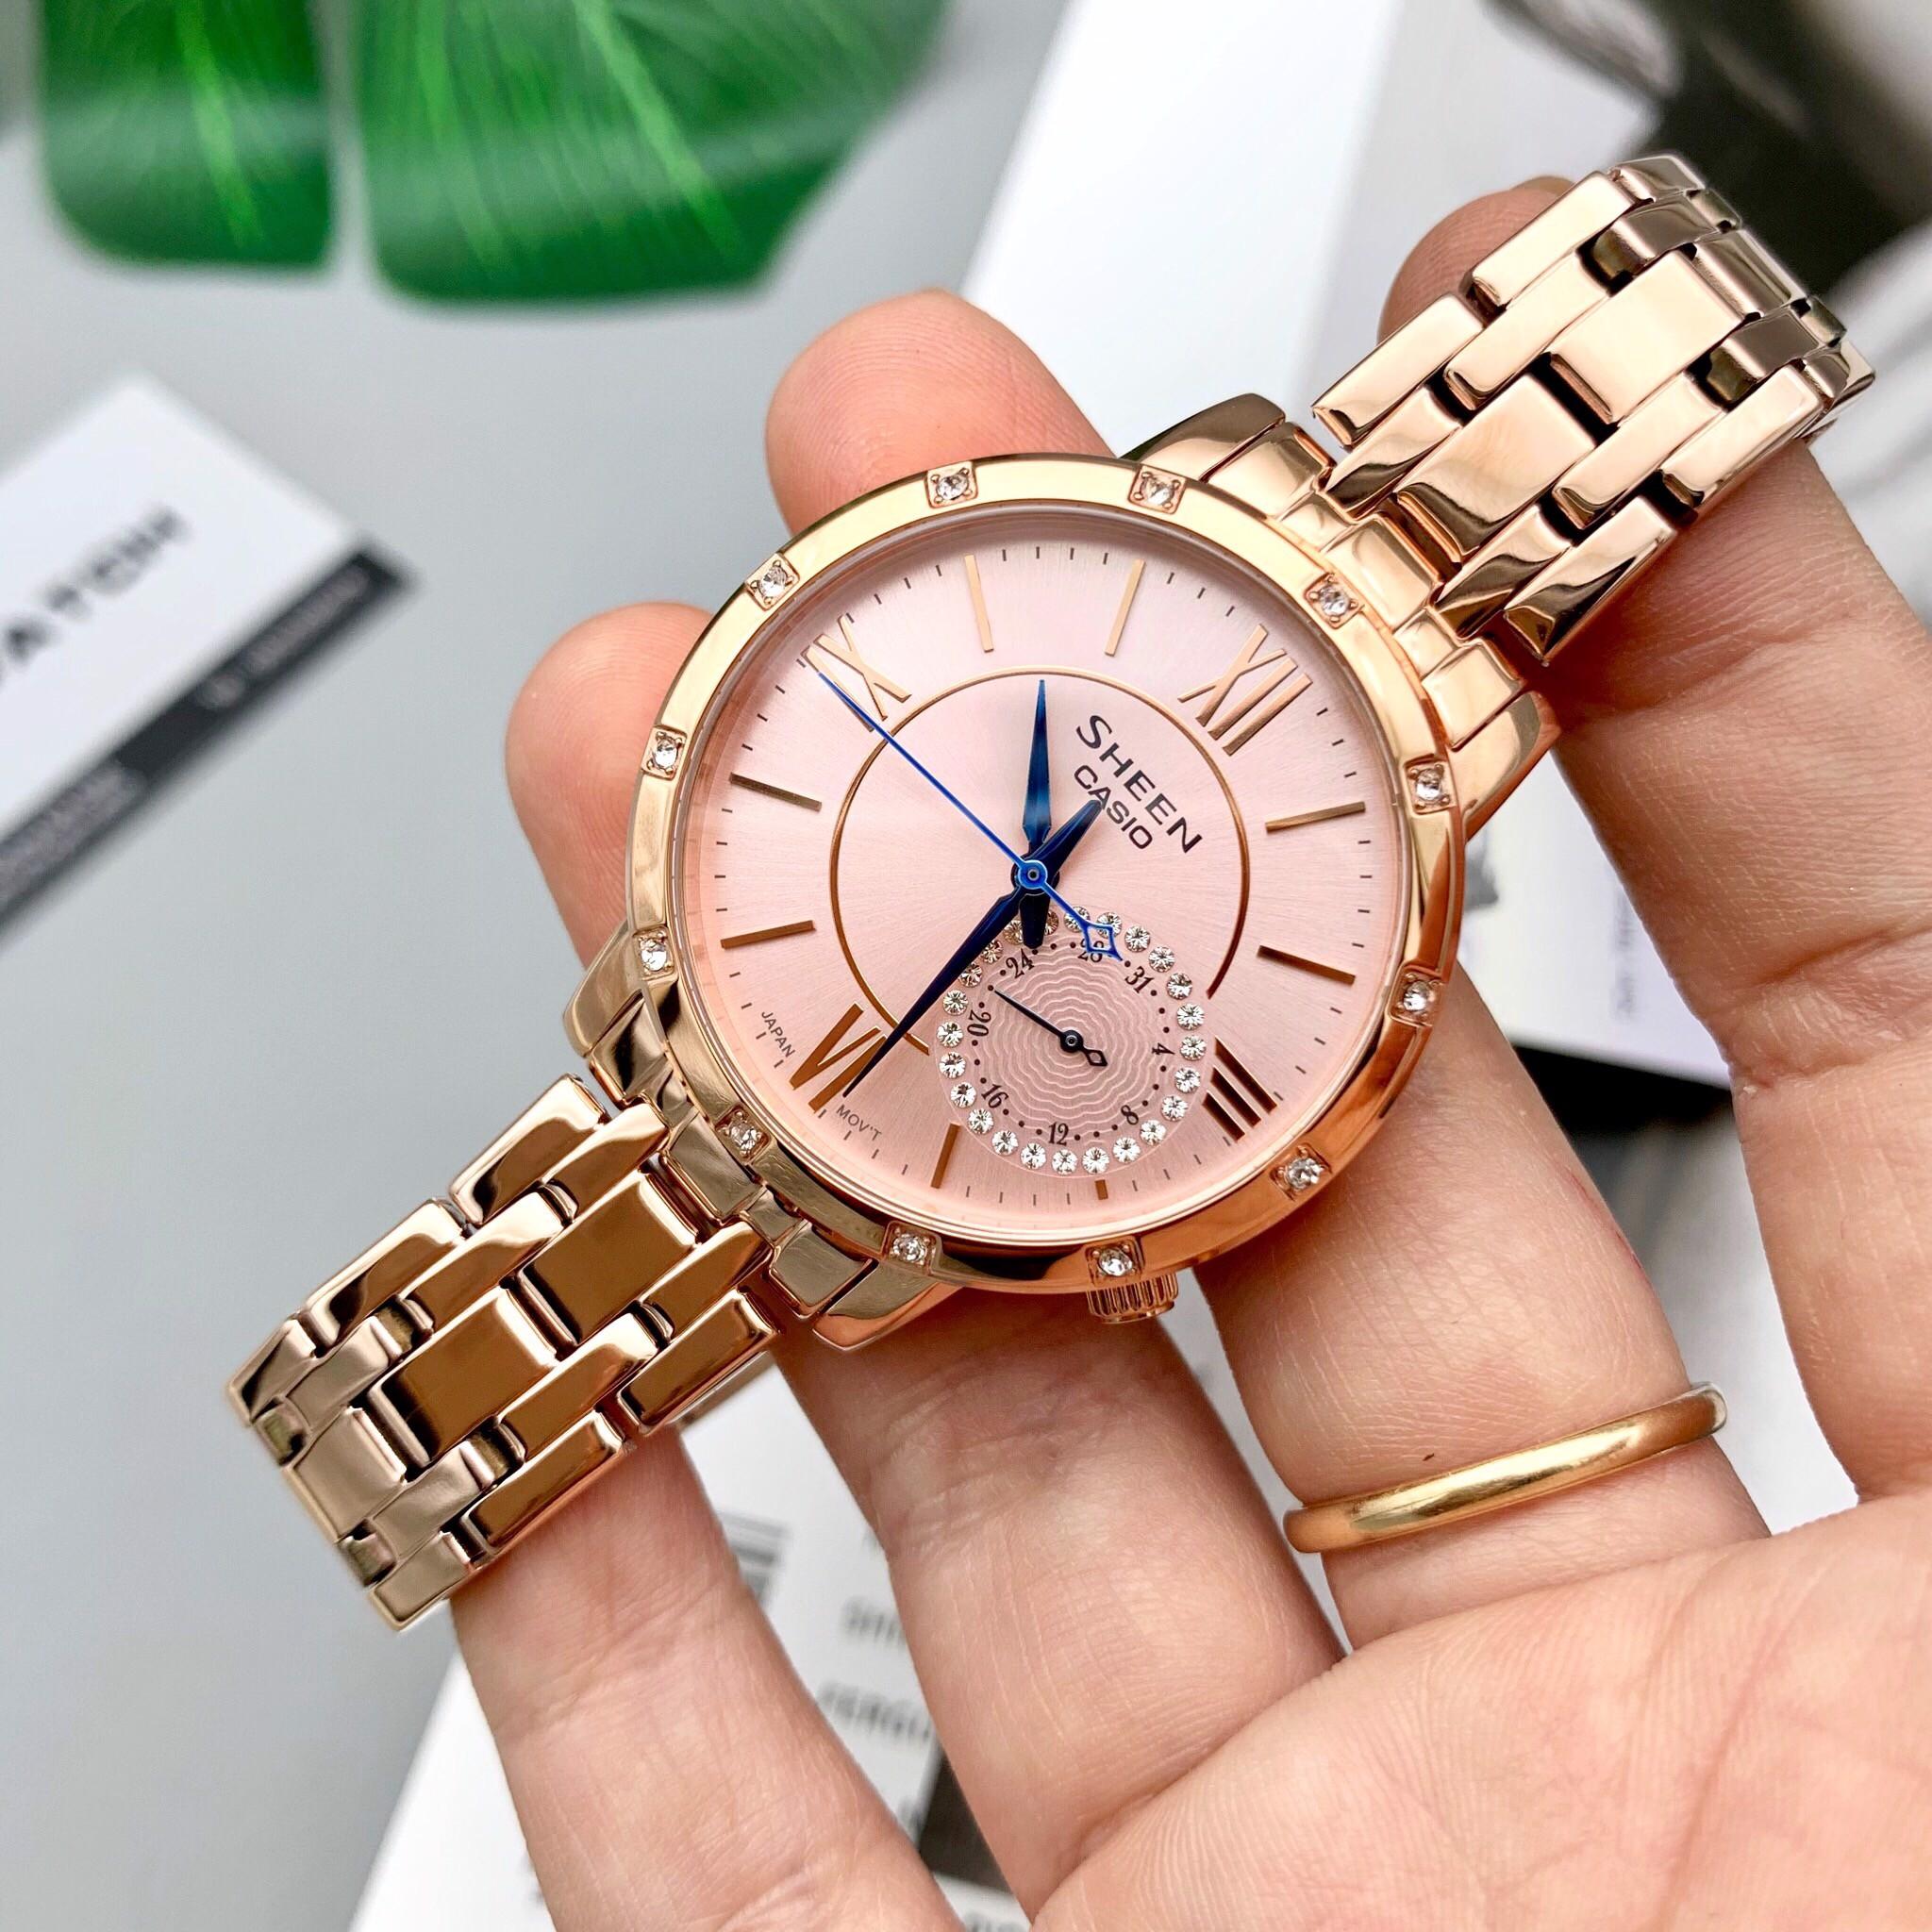 Những điều cần lưu ý để chọn được chiếc đồng hồ Casio nữ chuẩn nhất